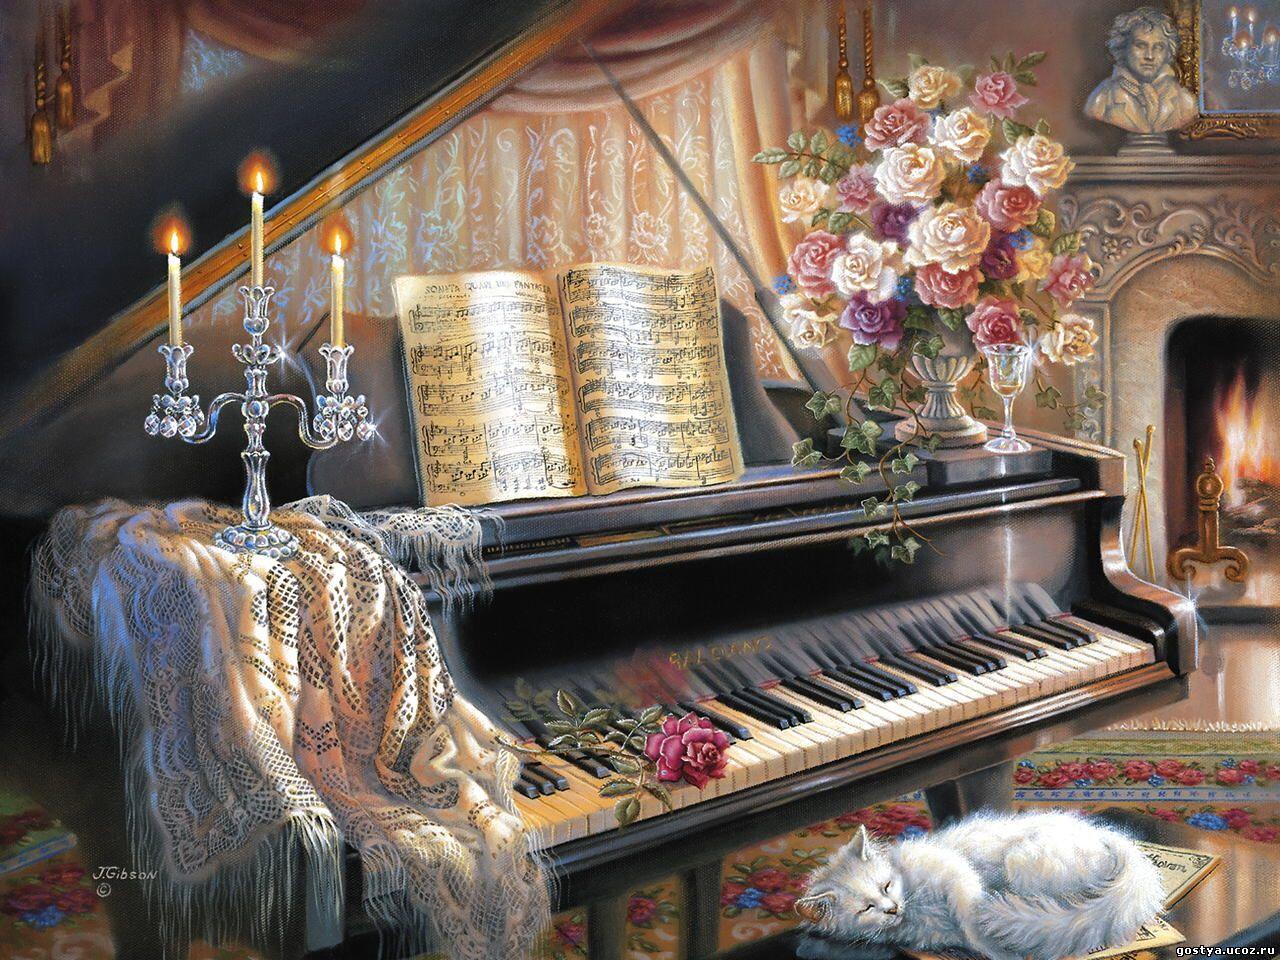 http://litobozrenie.com/wp-content/uploads/2012/12/u13161_8344_03.jpg